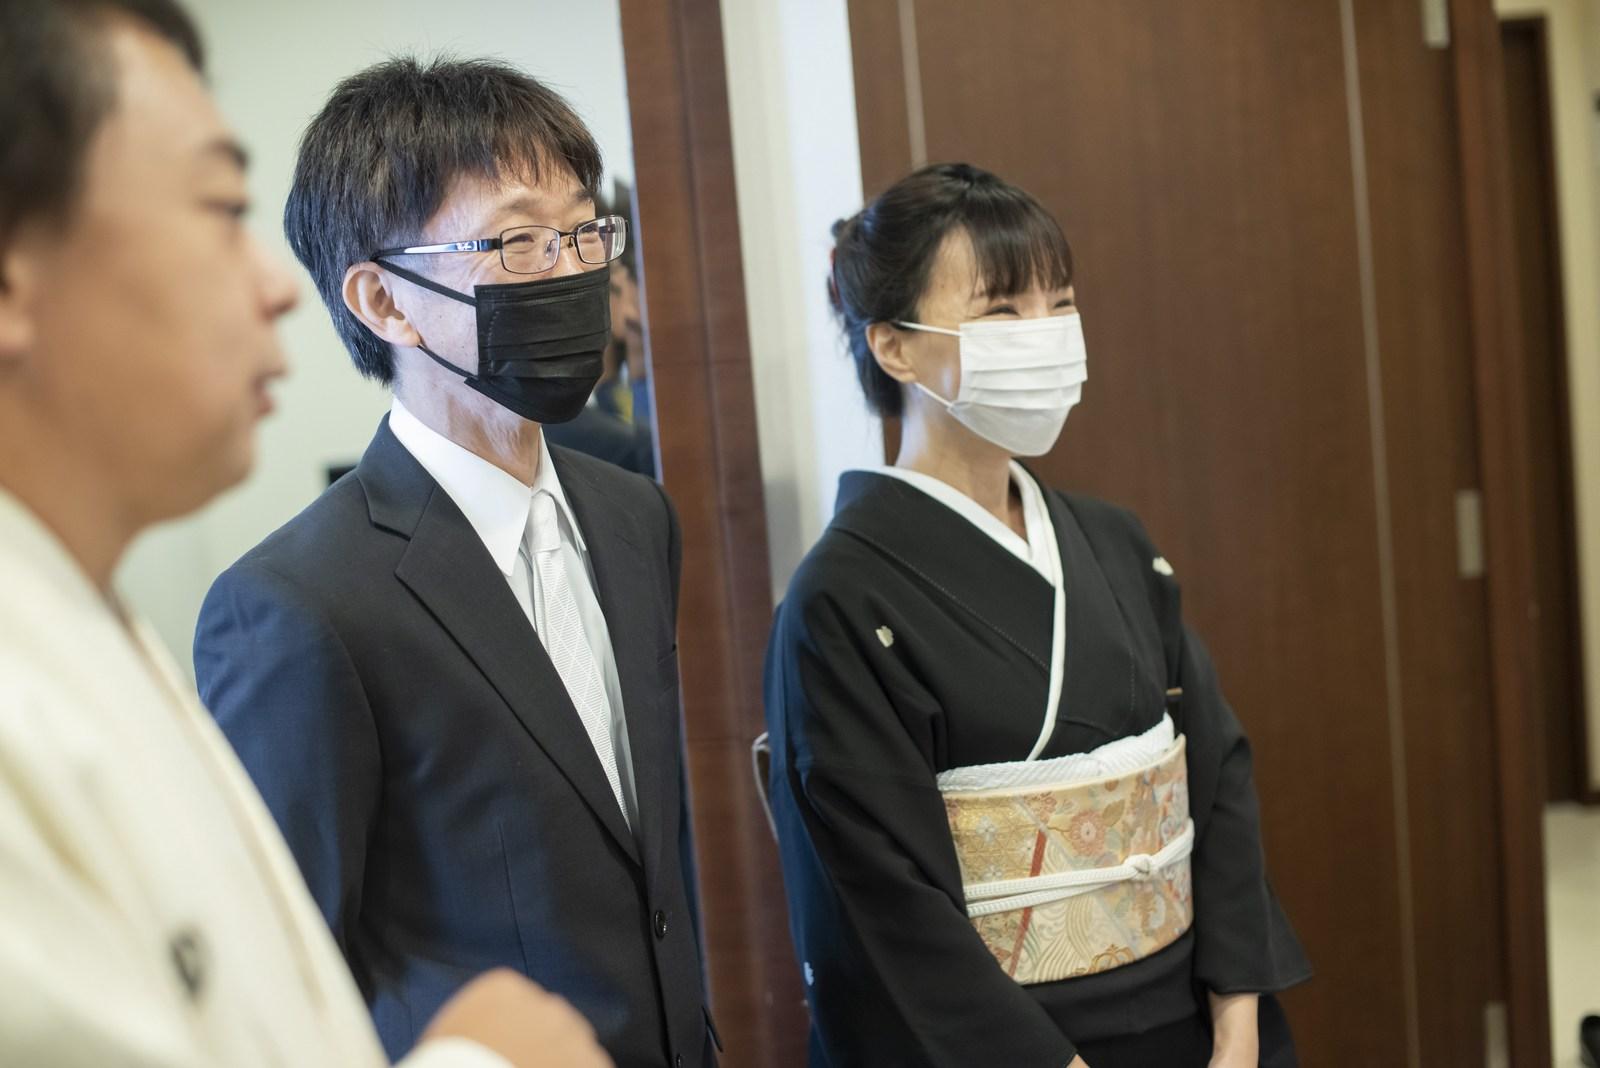 徳島市の結婚式場ブランアンジュで控室に挨拶に来た家族